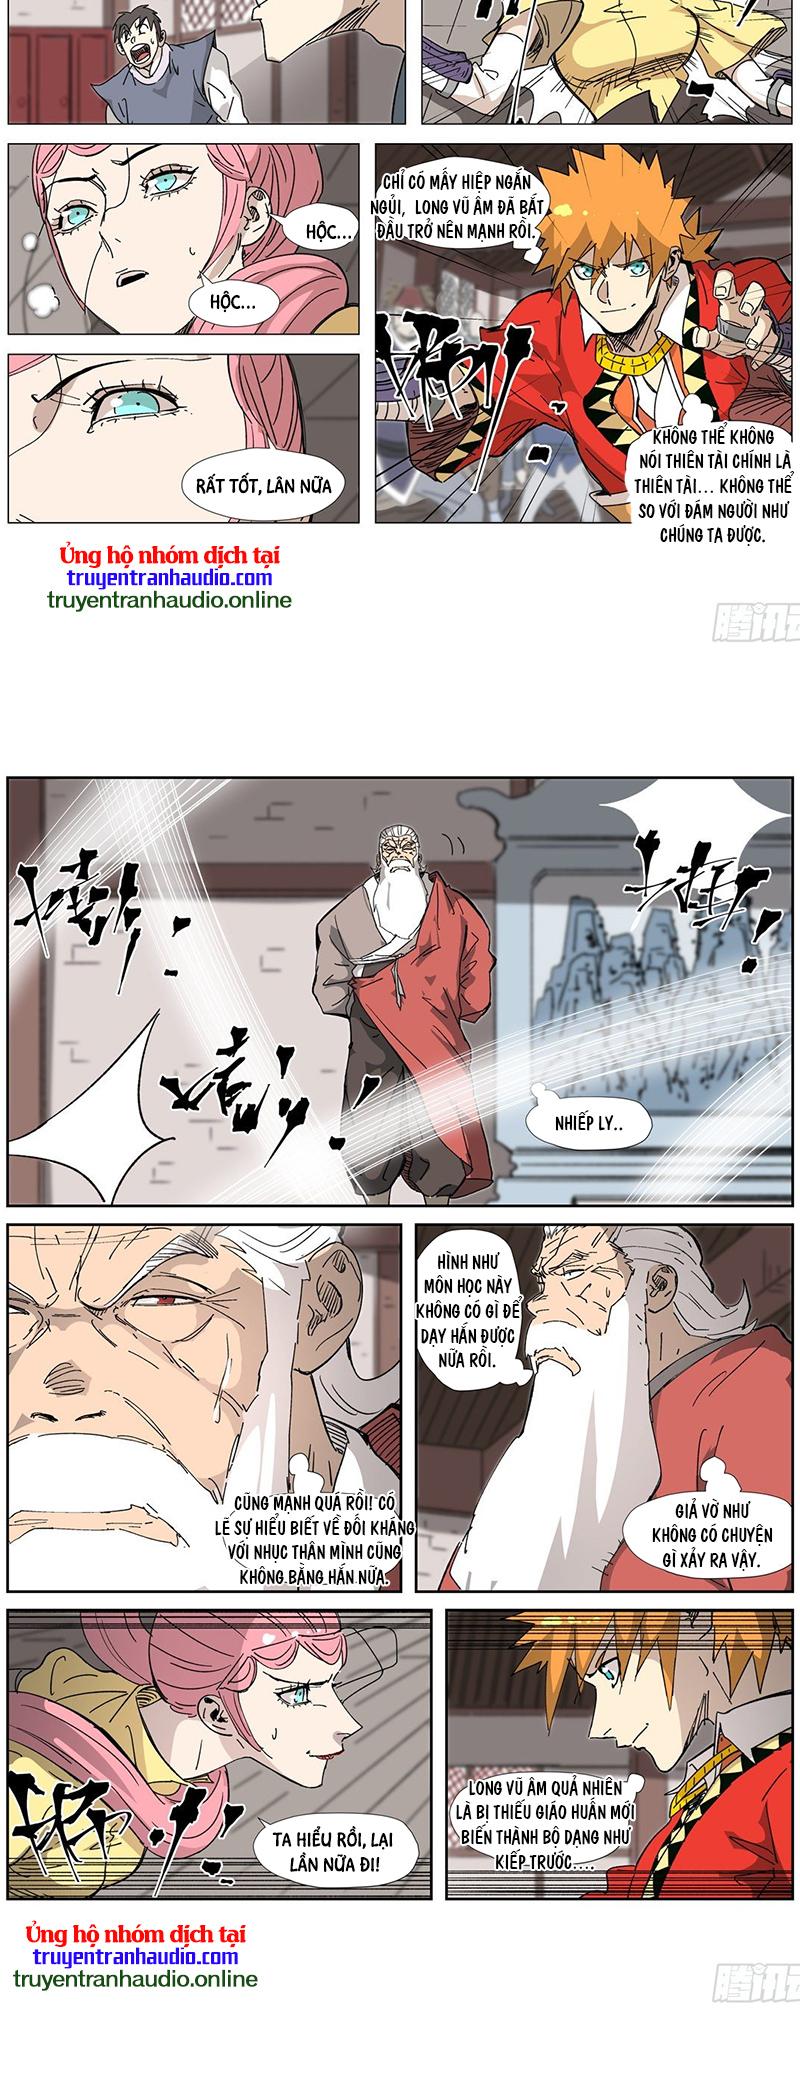 Yêu Thần Ký Chương 331 - truyenmh.com